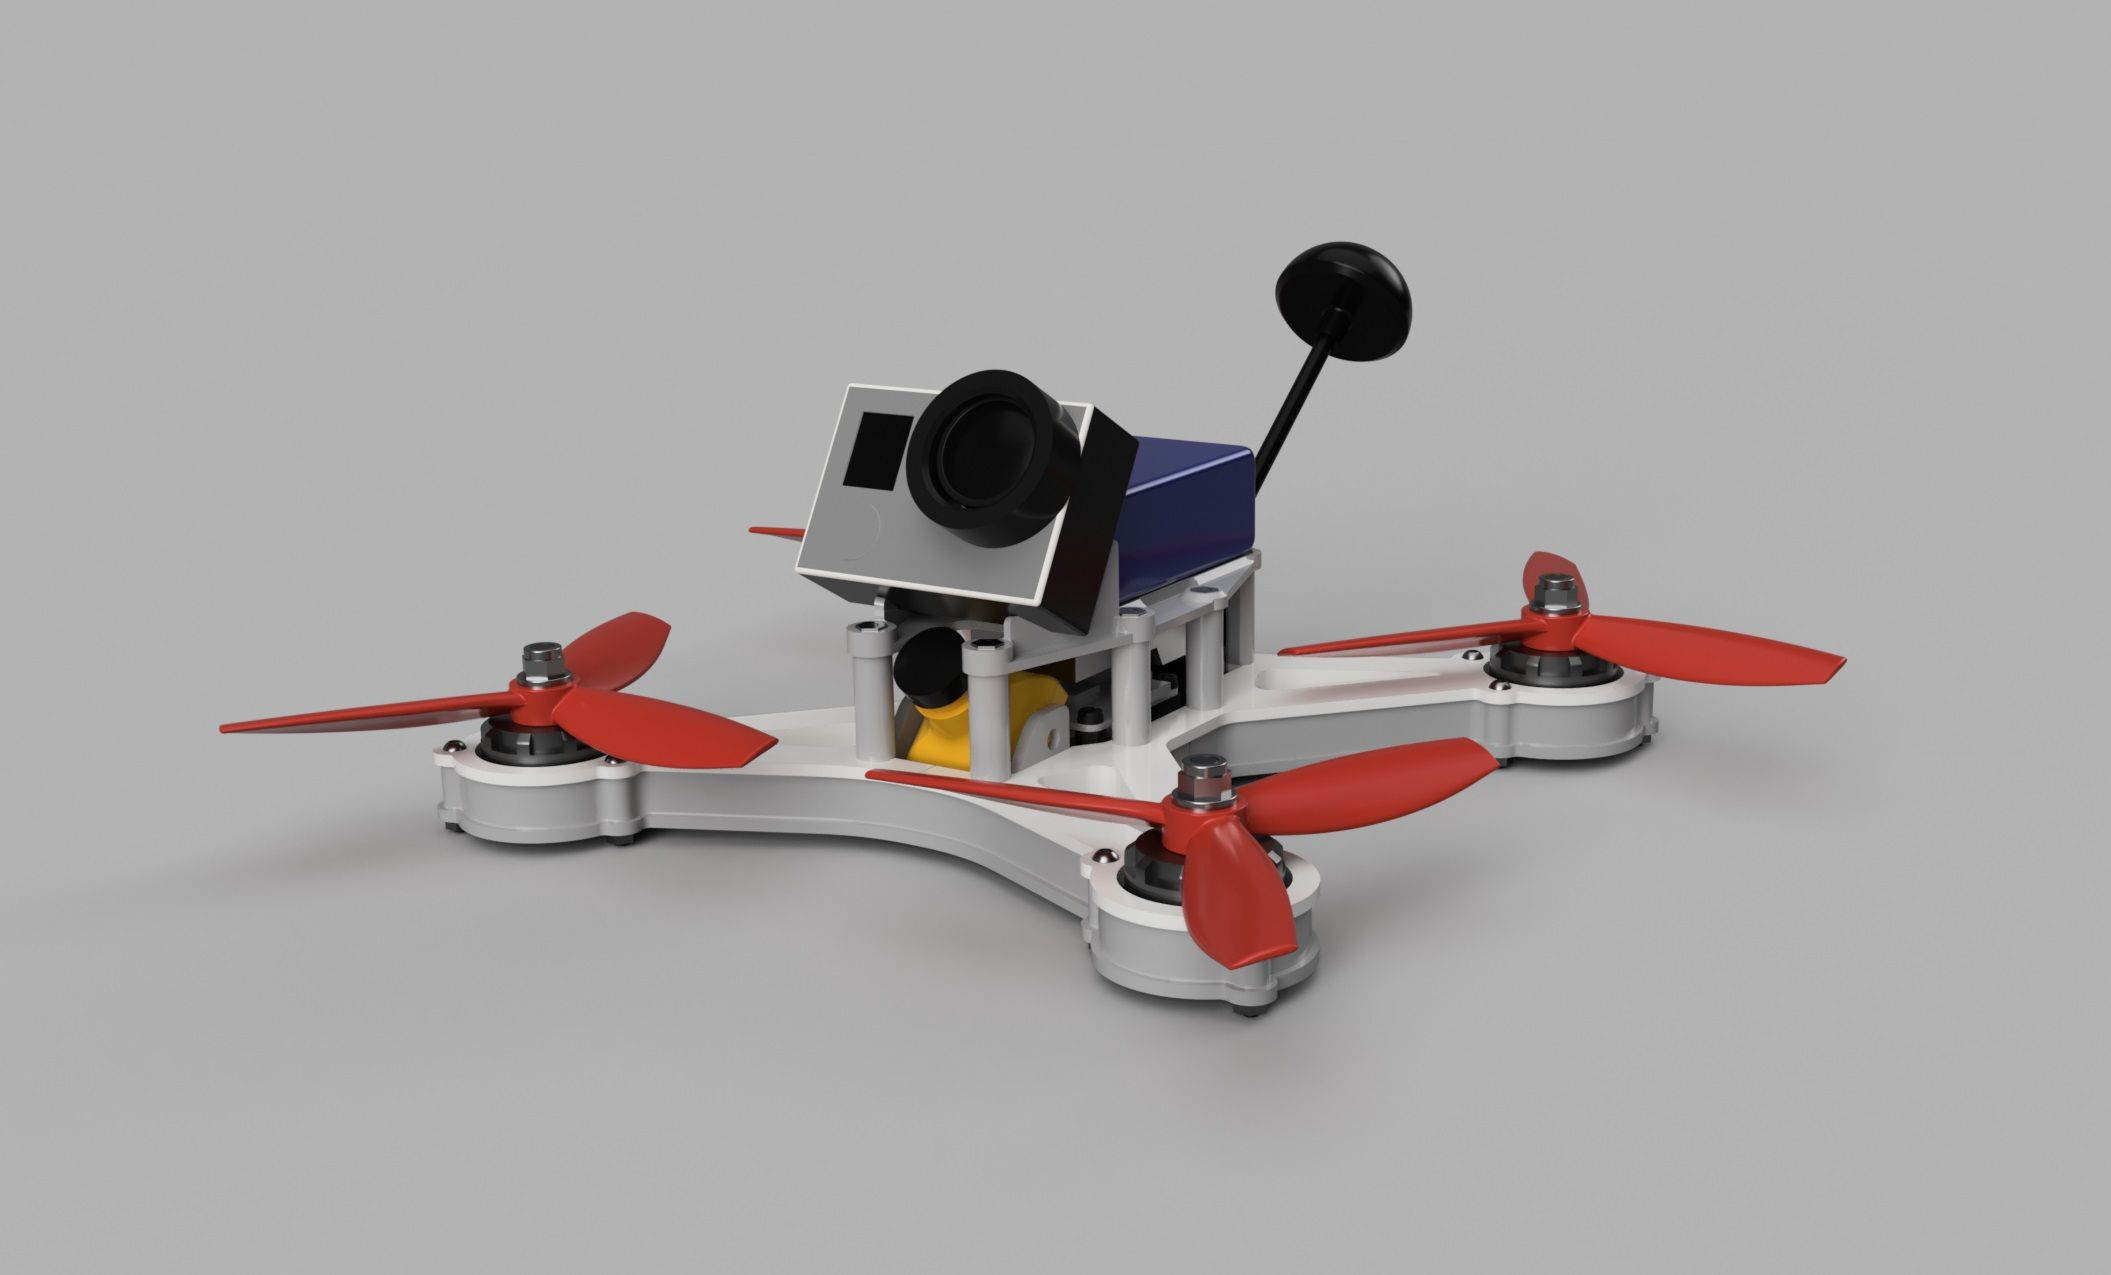 Openrc-220-fpv-racer-quad-3500-3500